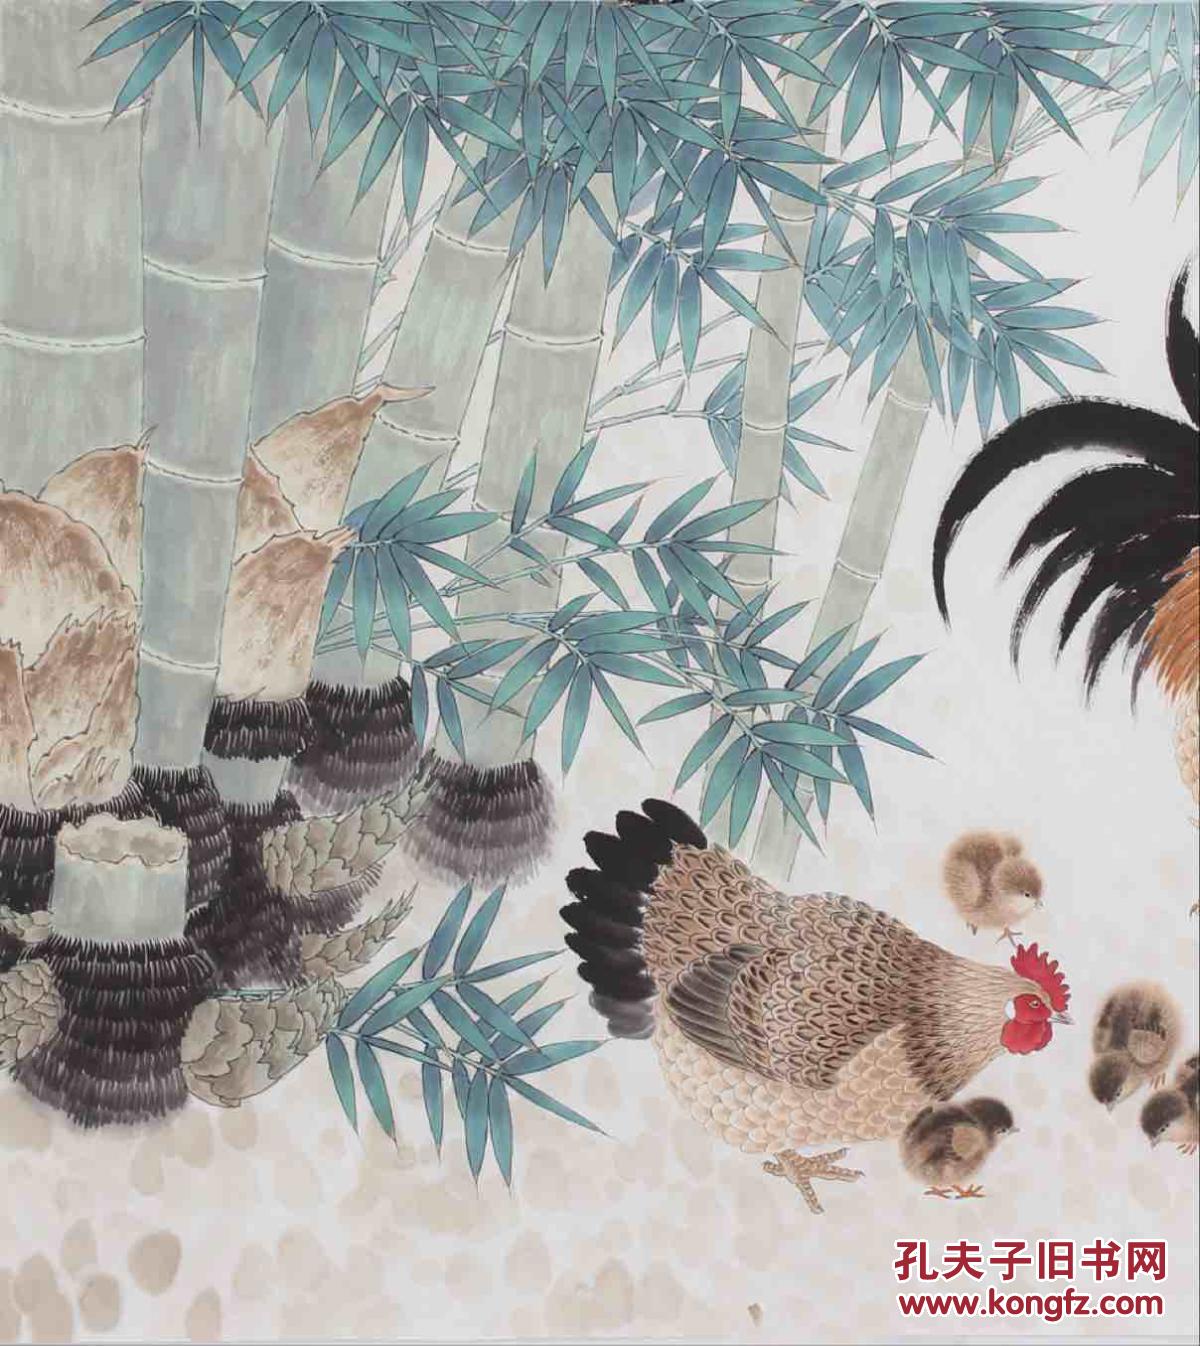 【图】方武汉精品画初中楚雄的民办图片